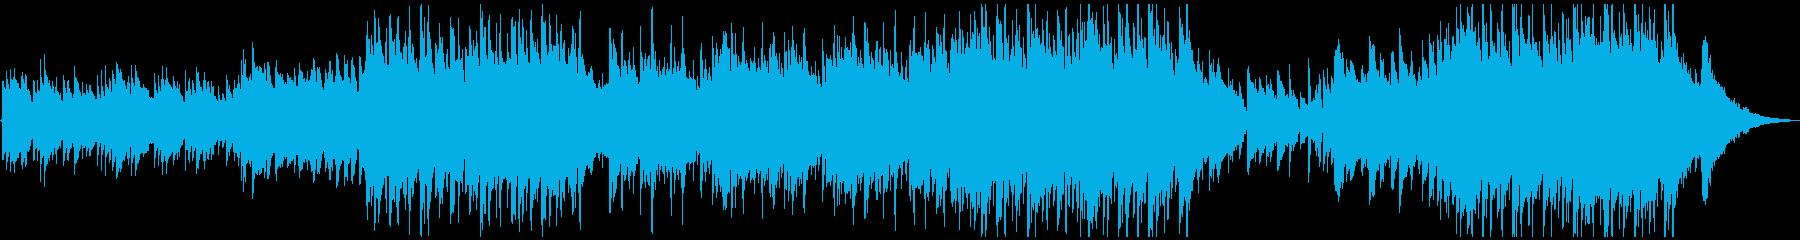 アコースティックライトポップロックの再生済みの波形